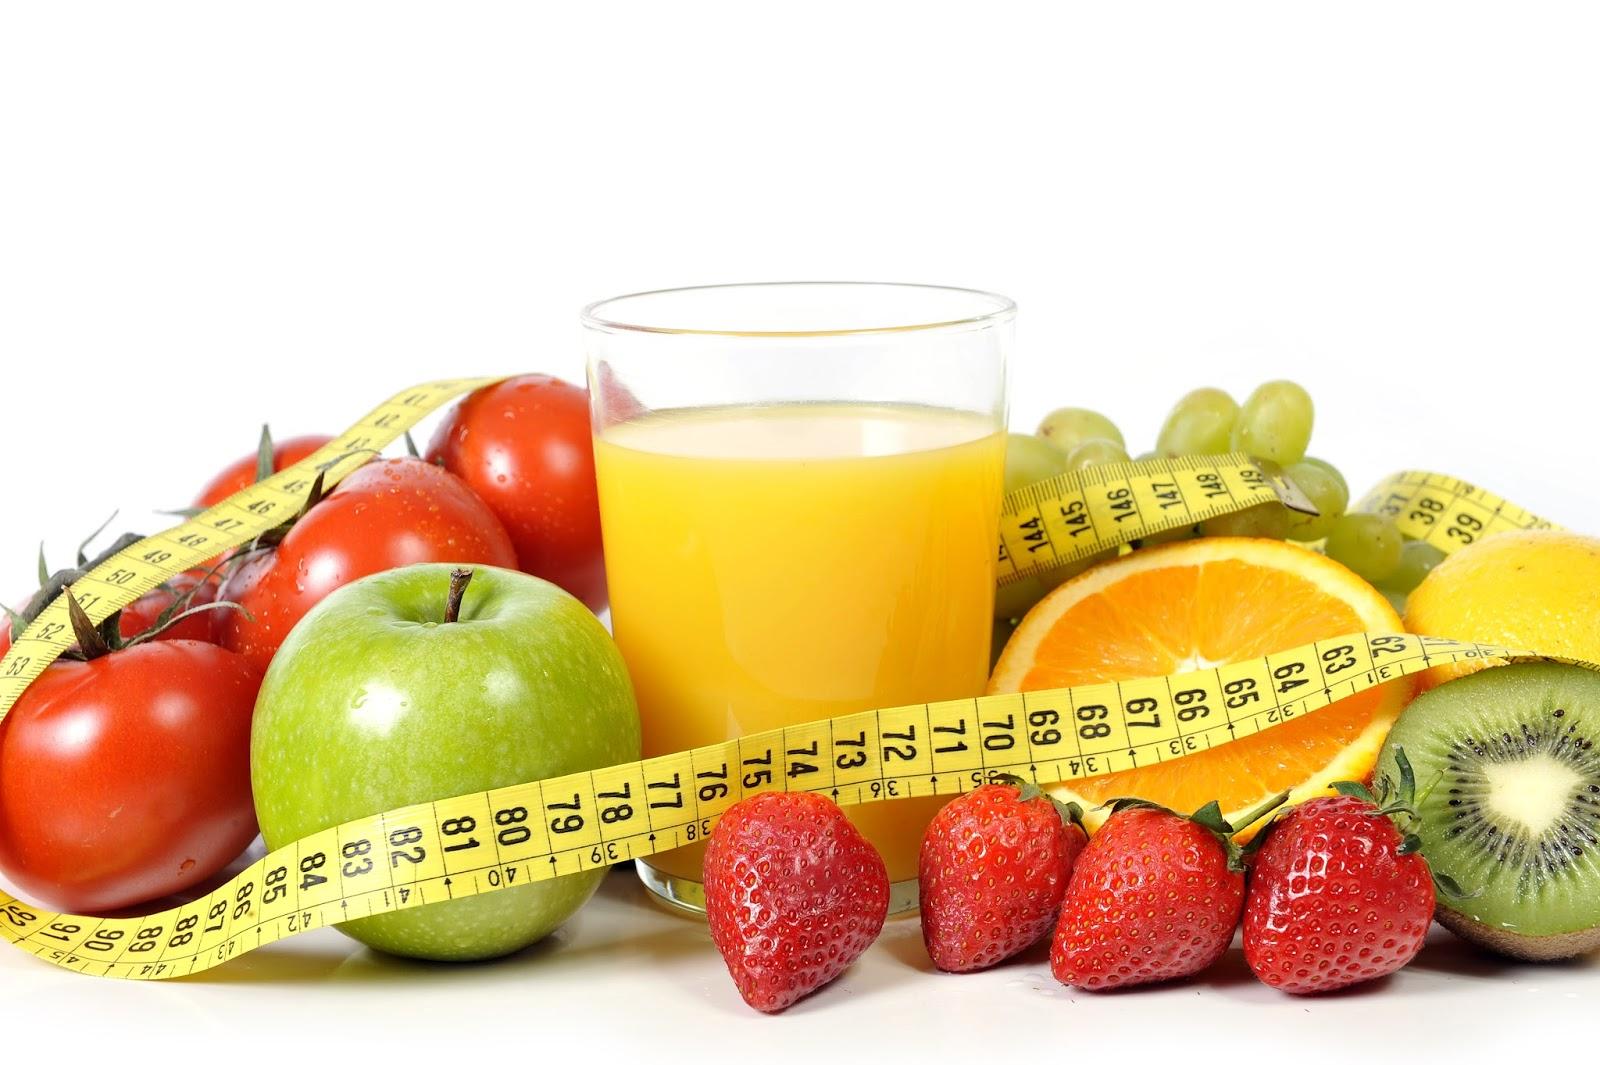 A melhor dieta é a que te faz bem